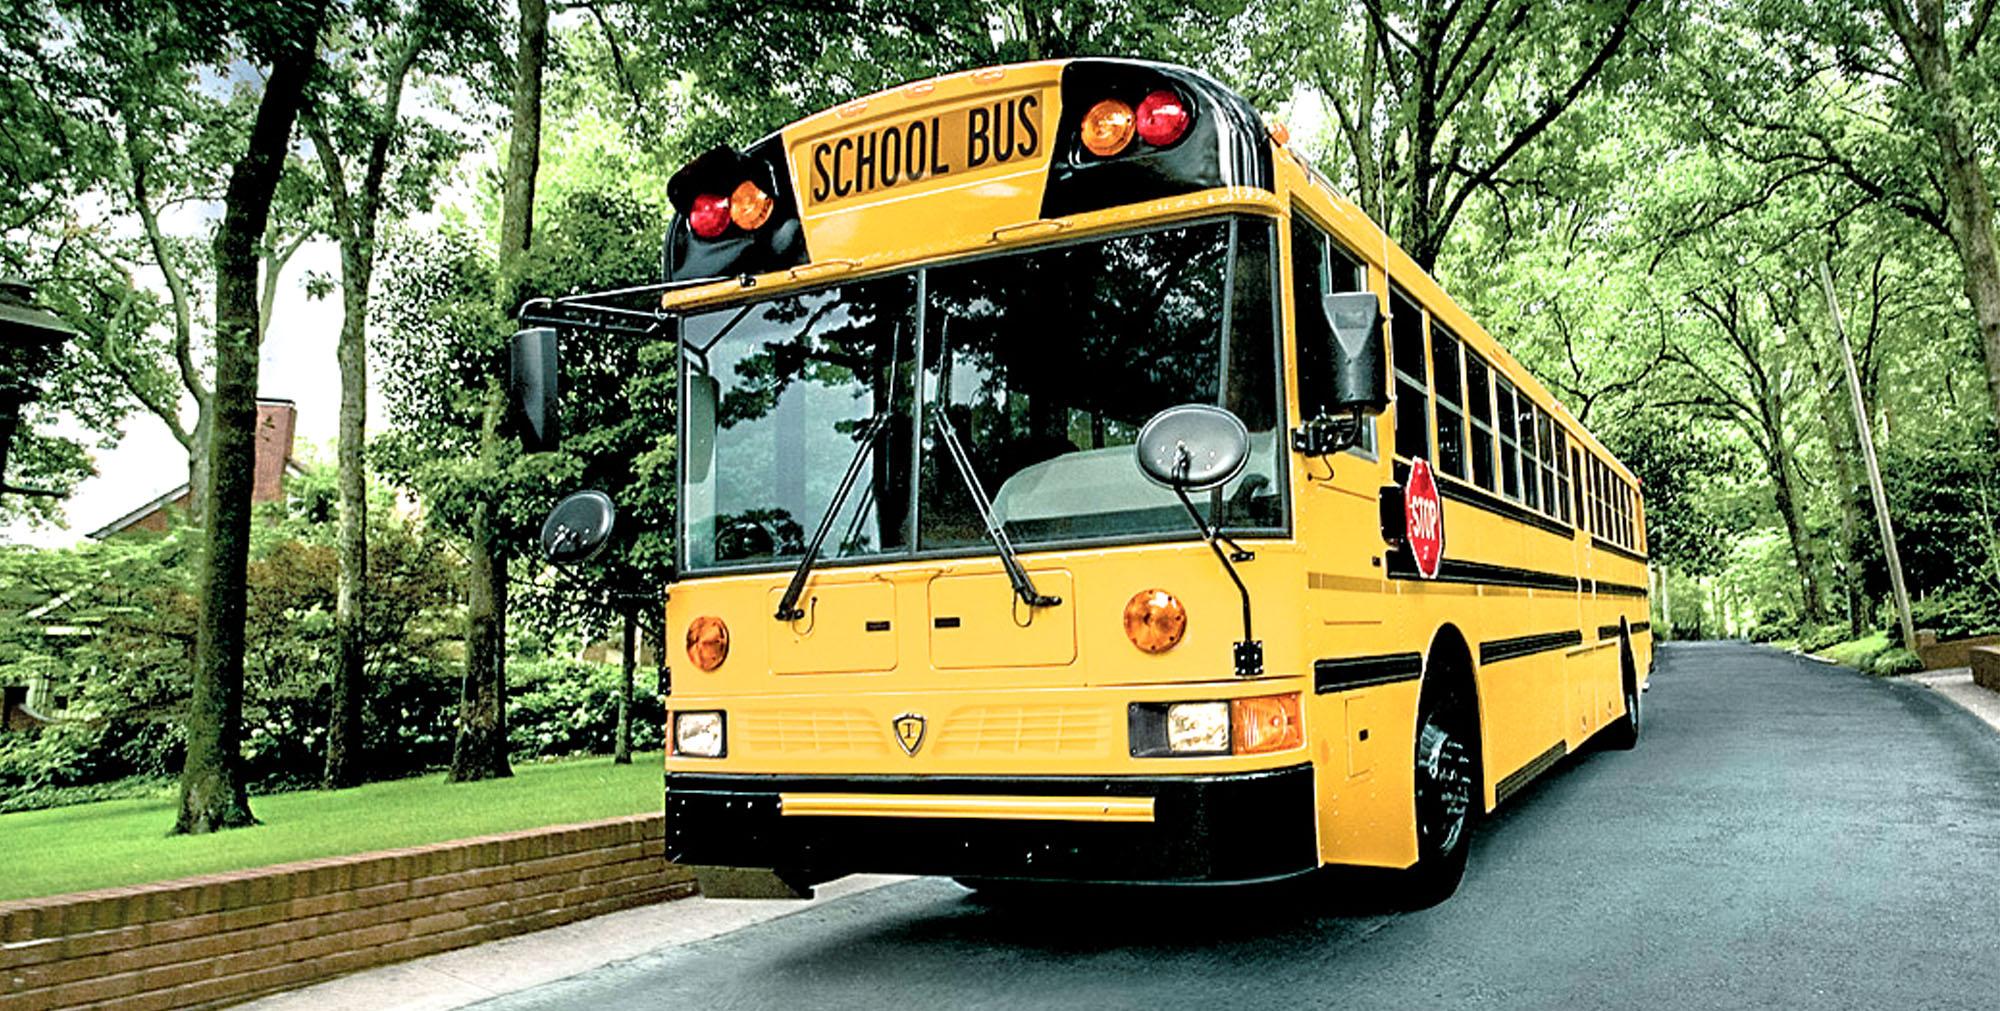 slideshow-schoolbus-type-d-re-in-neighborhood.jpg